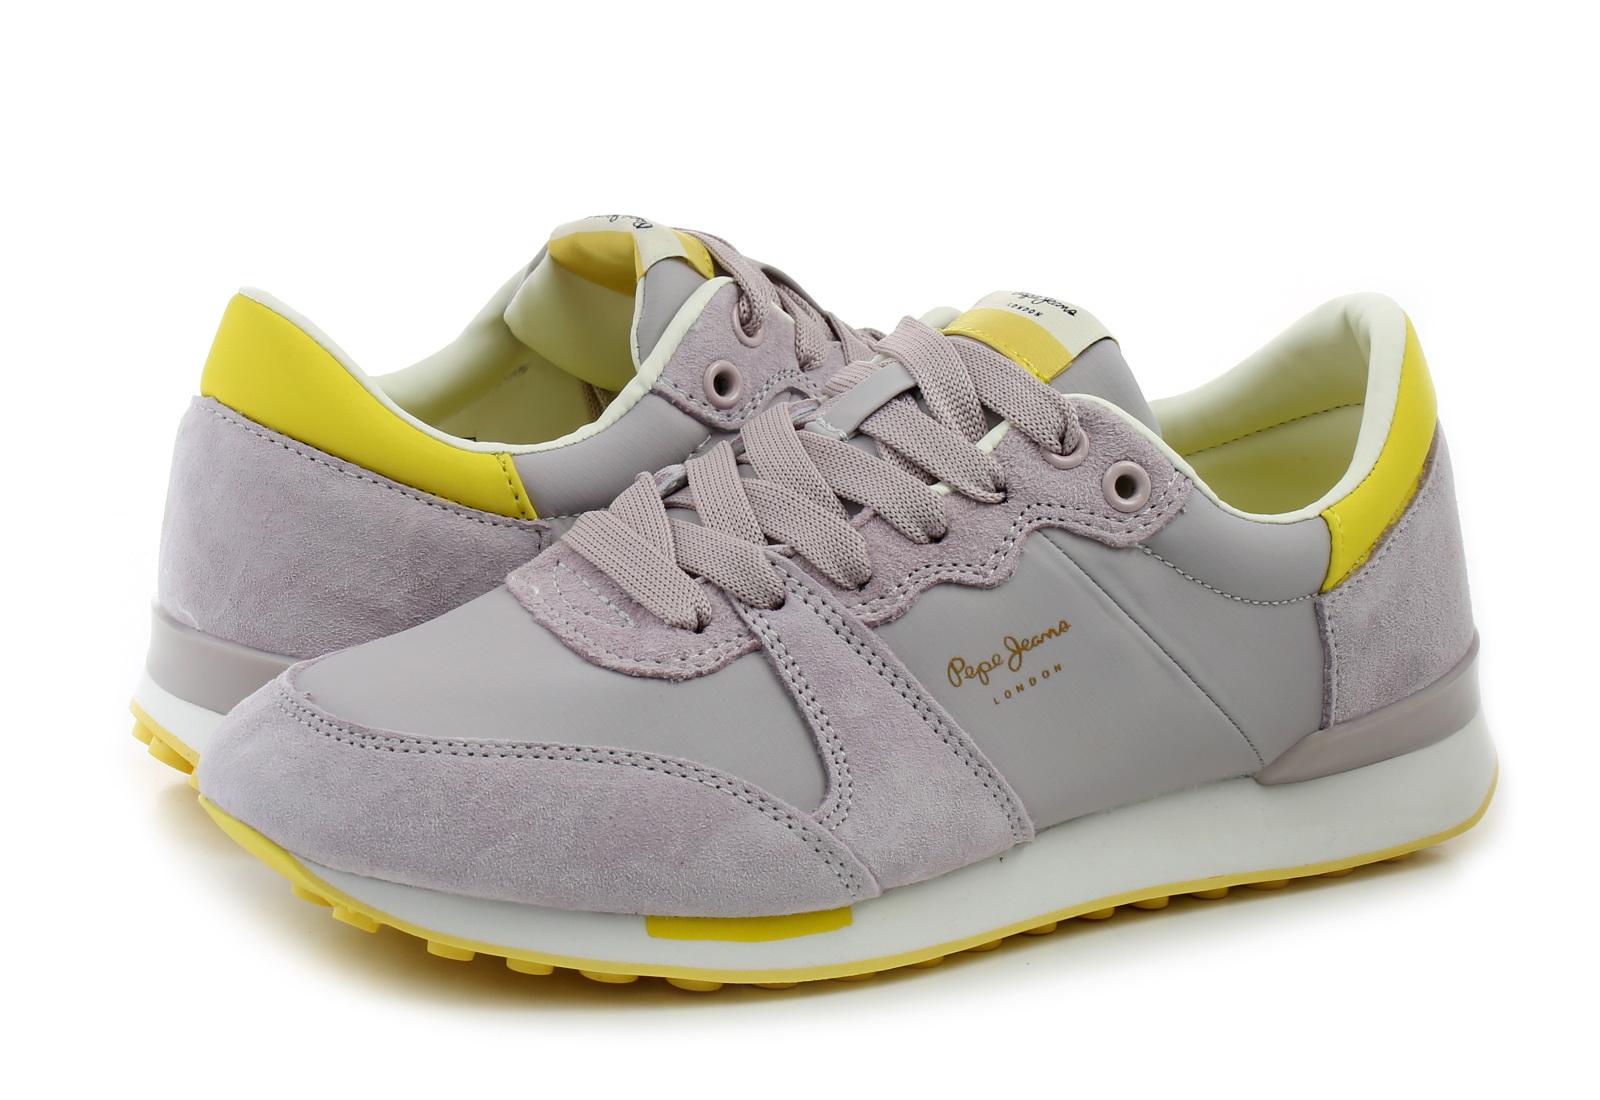 Pepe Jeans Cipő - Pls30861 - PLS30861419 - Office Shoes Magyarország a98d9e1570